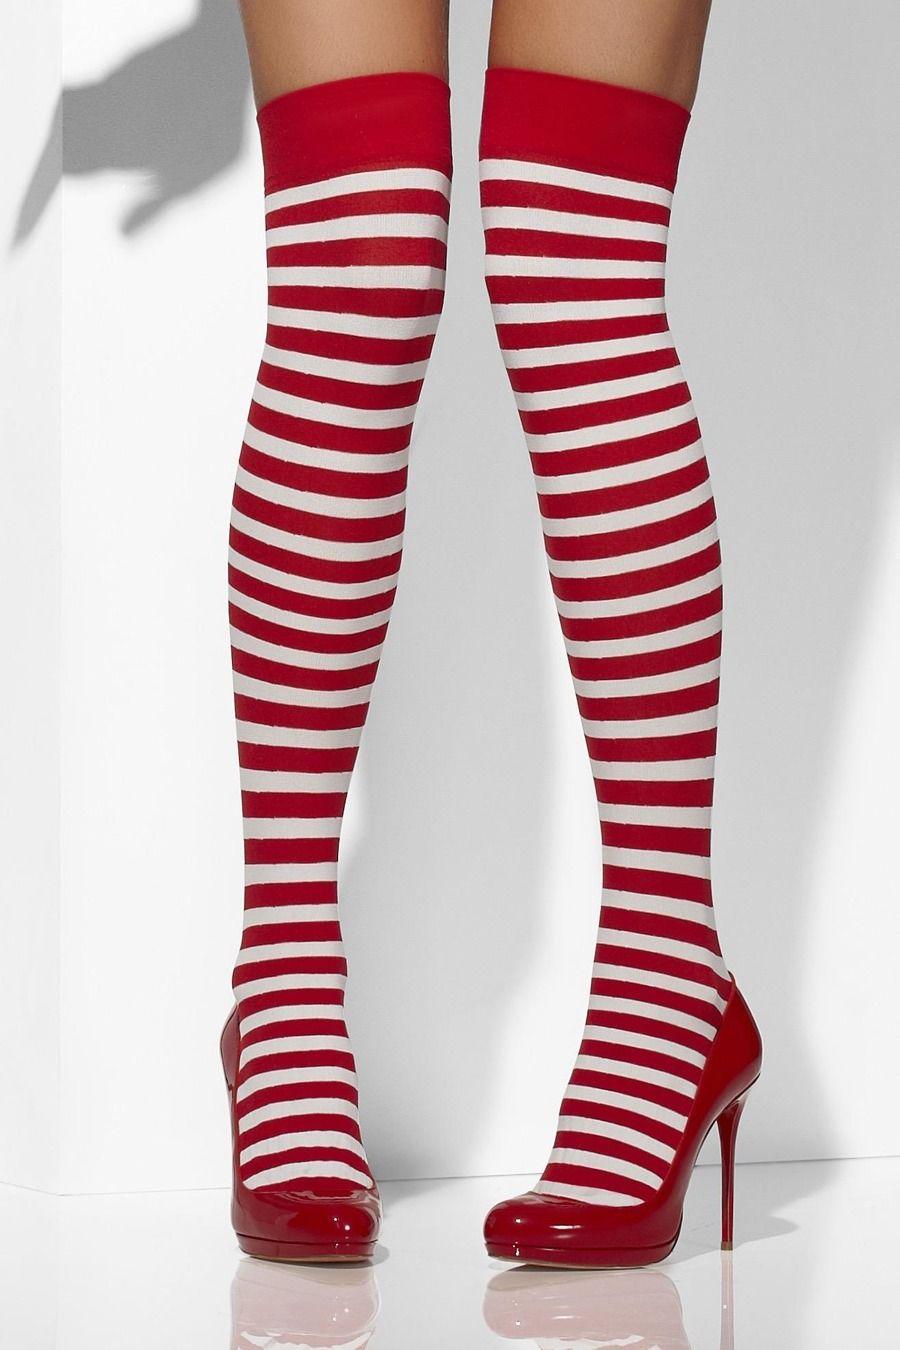 780ee7cf529 Strømpebukser selvsiddende stribet - rød og hvid - Bergdahls Festbutik